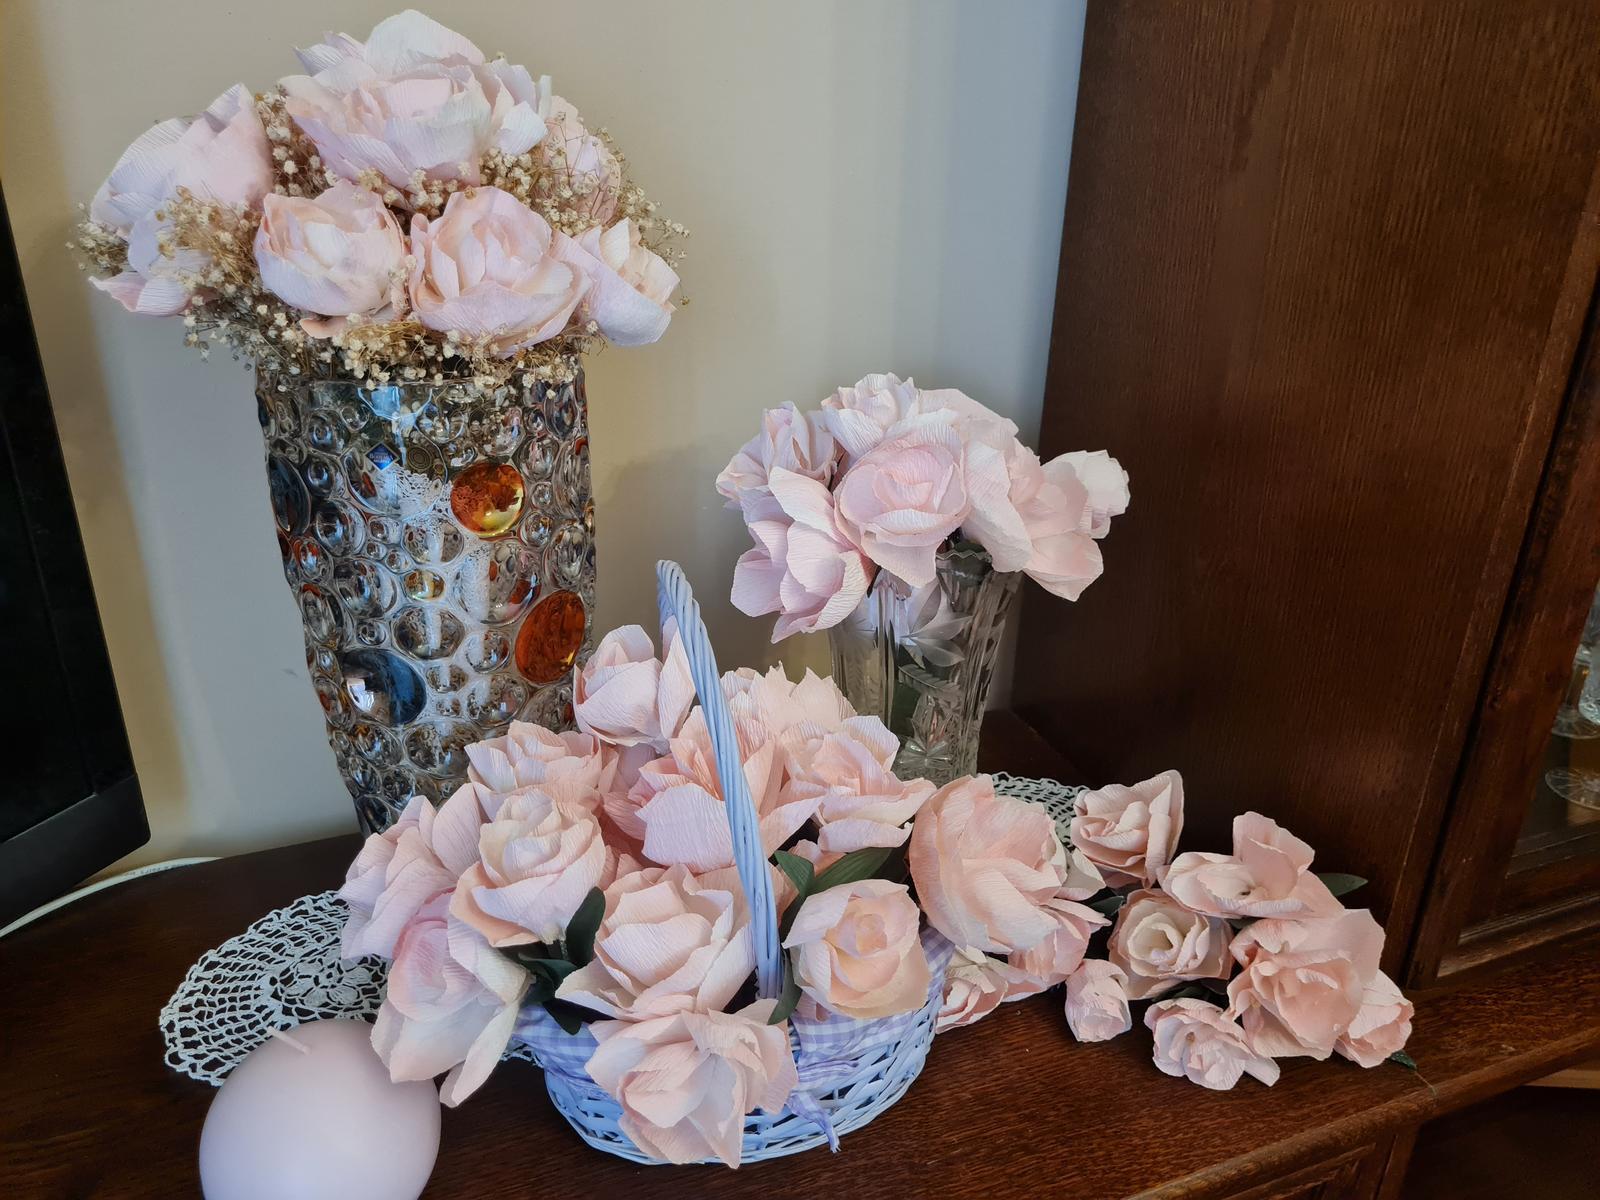 svadobná výzdoba-kvety - Obrázok č. 2